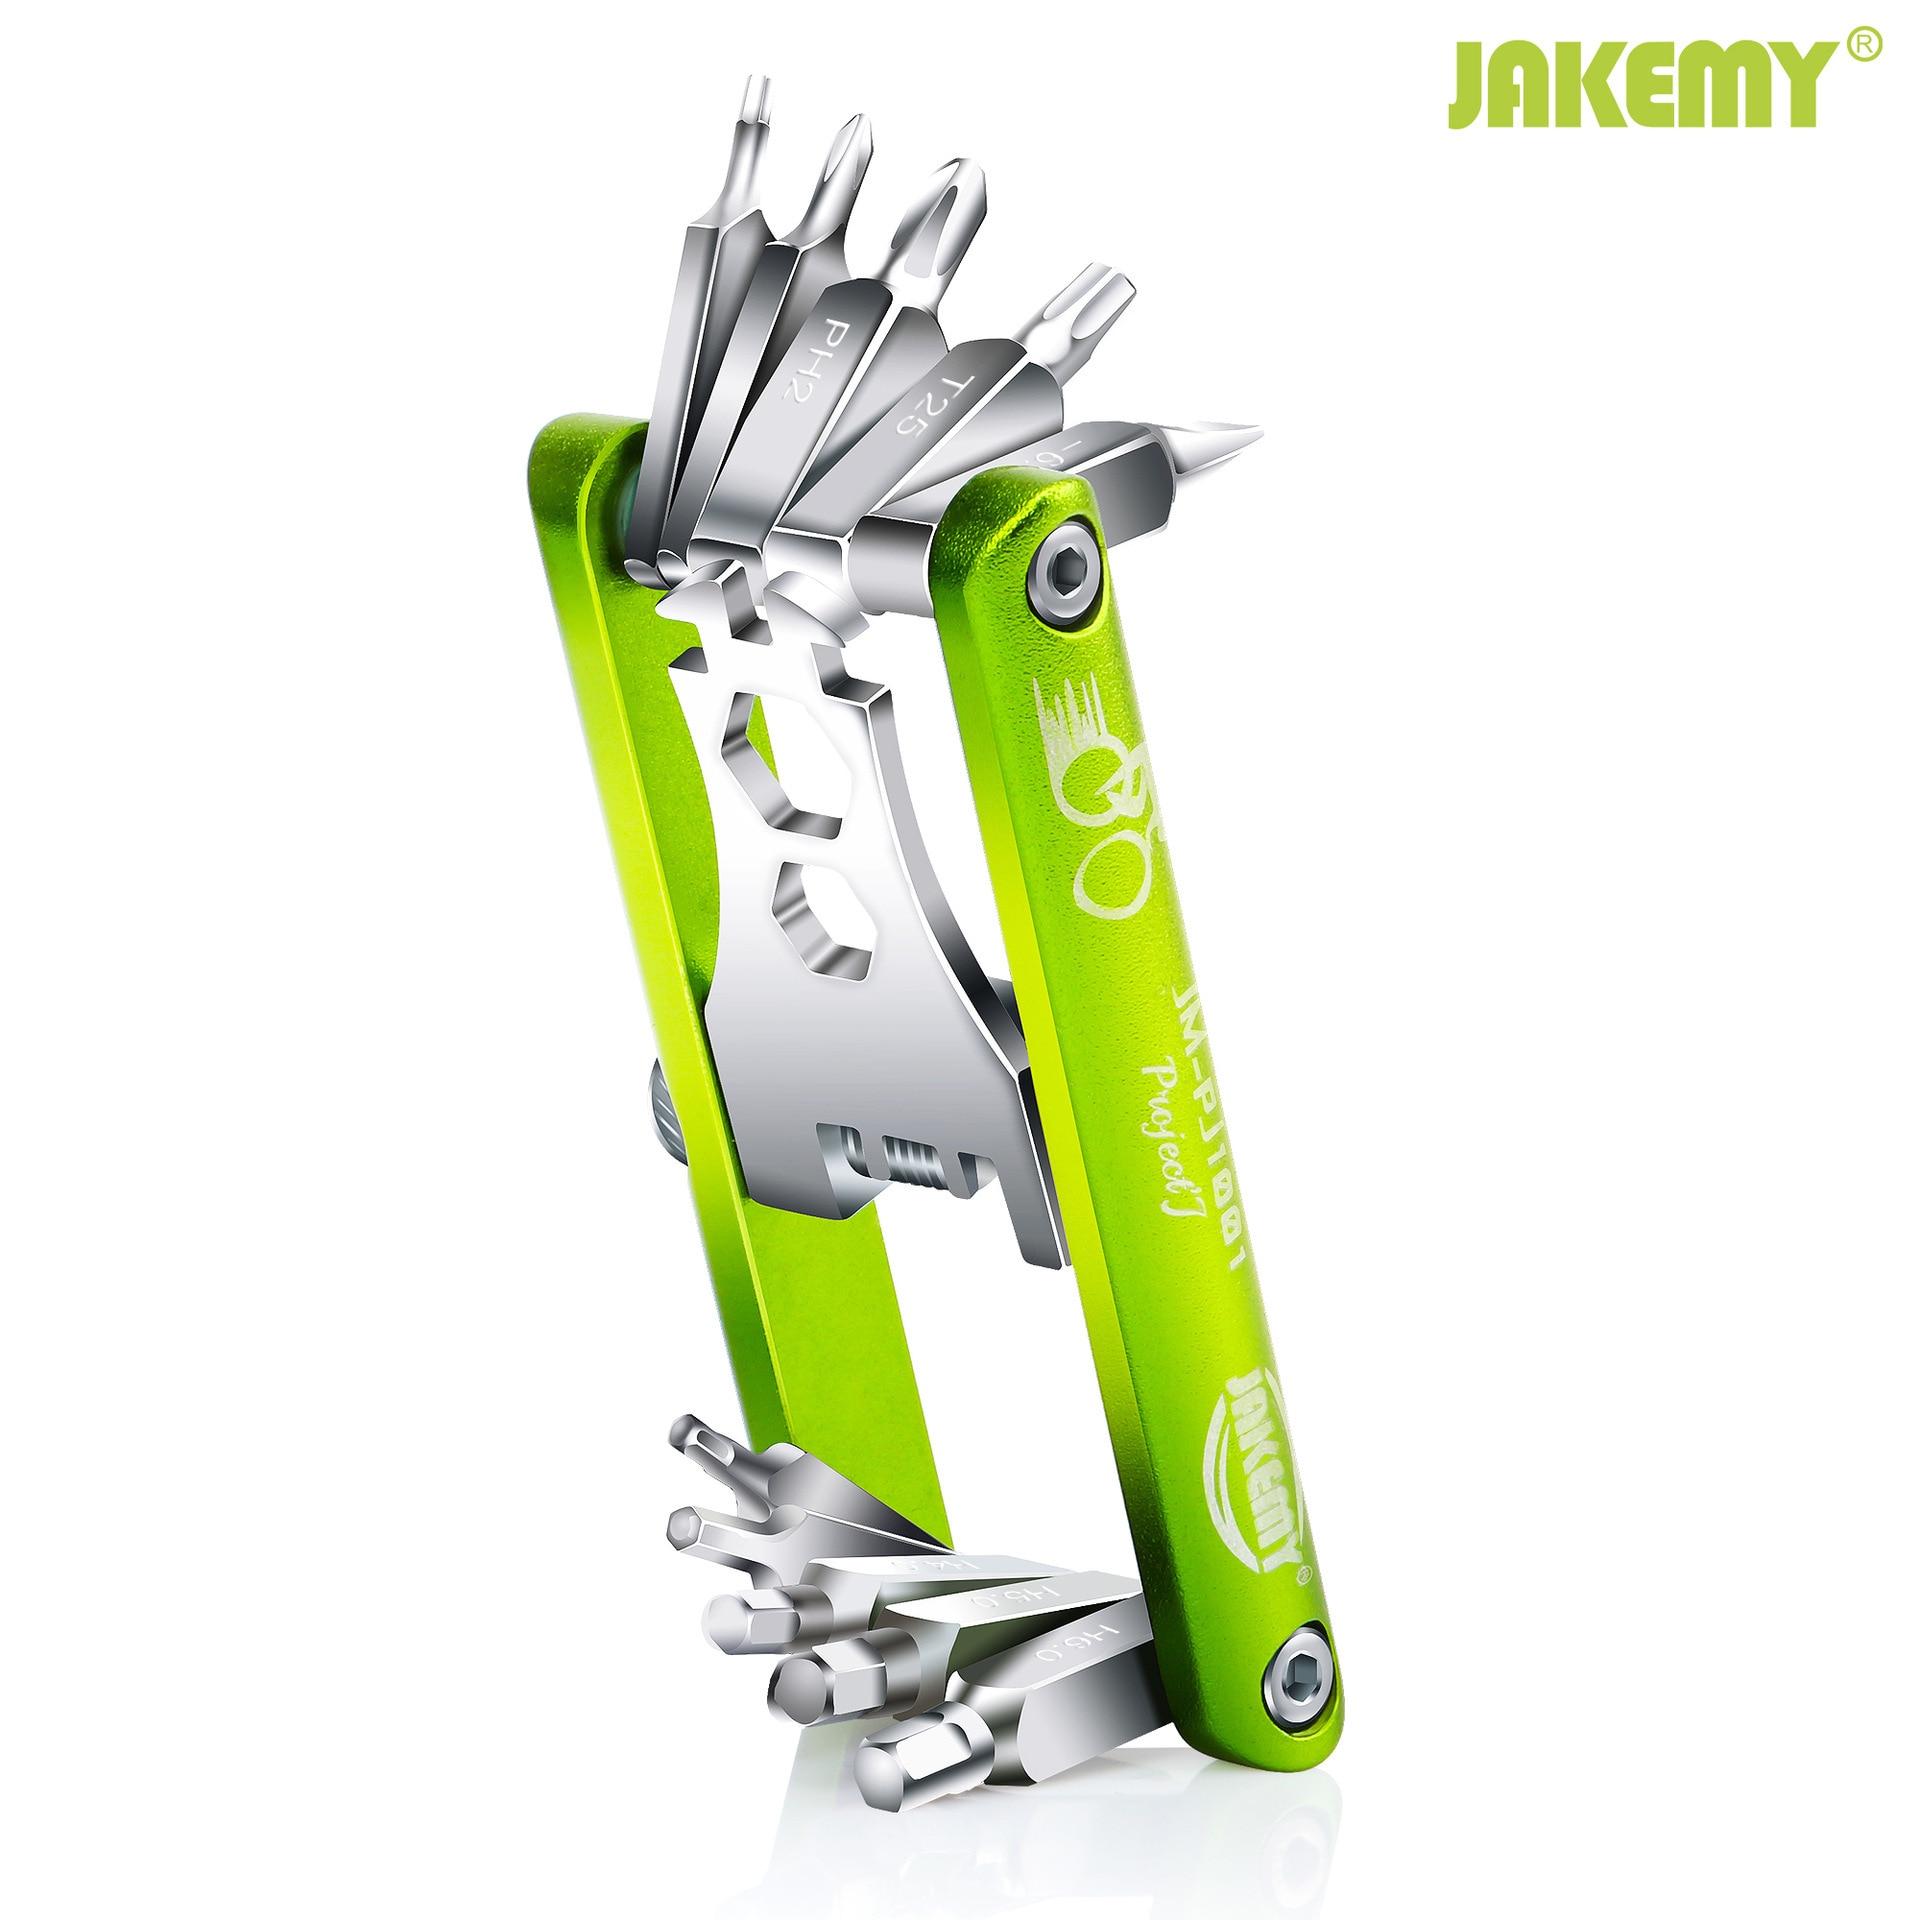 Multifunction Professional Bicycle Repair tool set  Folding tool diy pocket screwdriver for bike (PJ -1001)